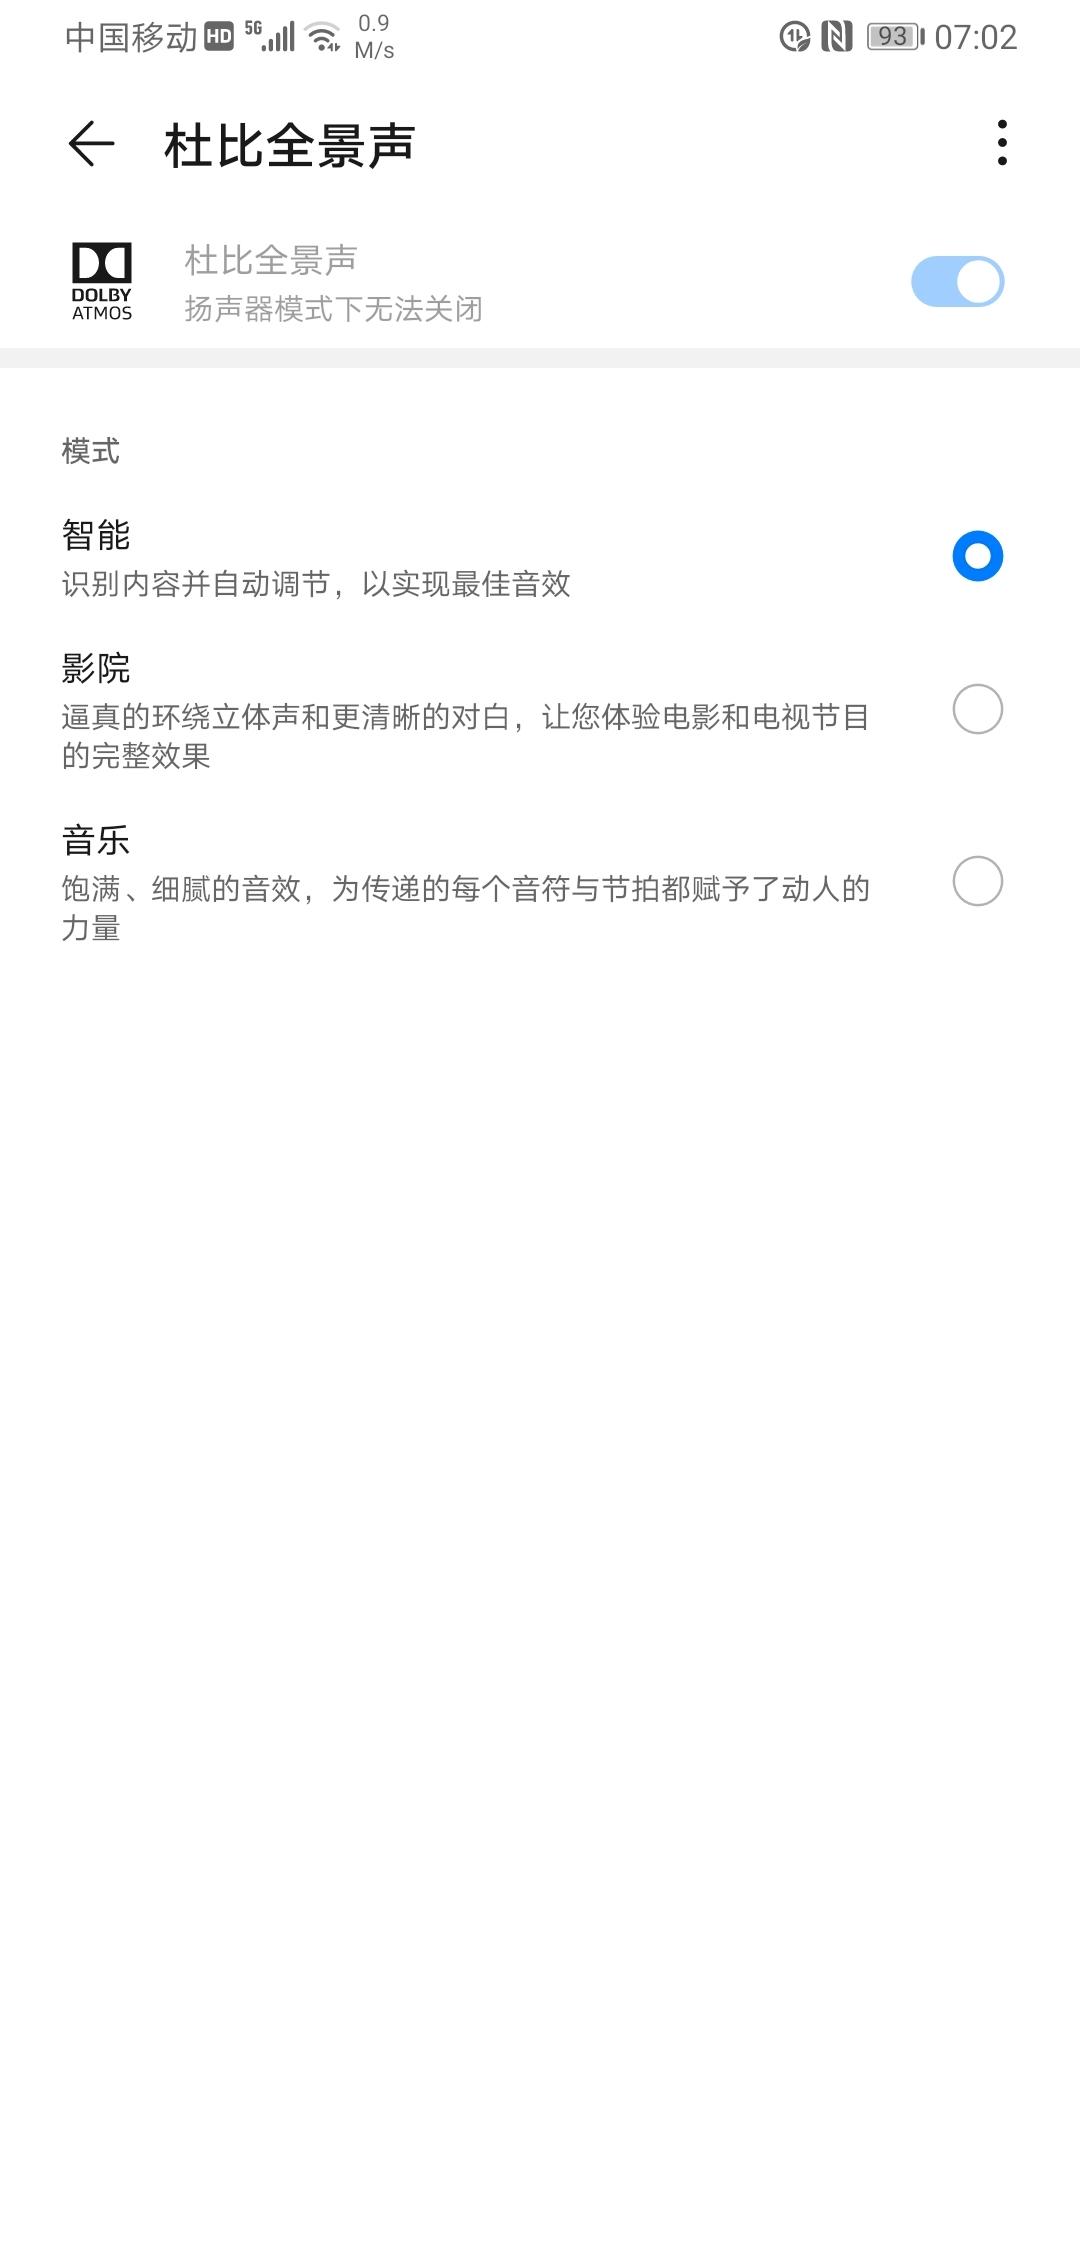 Screenshot_20200513_070243_com.huawei.imedia.dolby.jpg